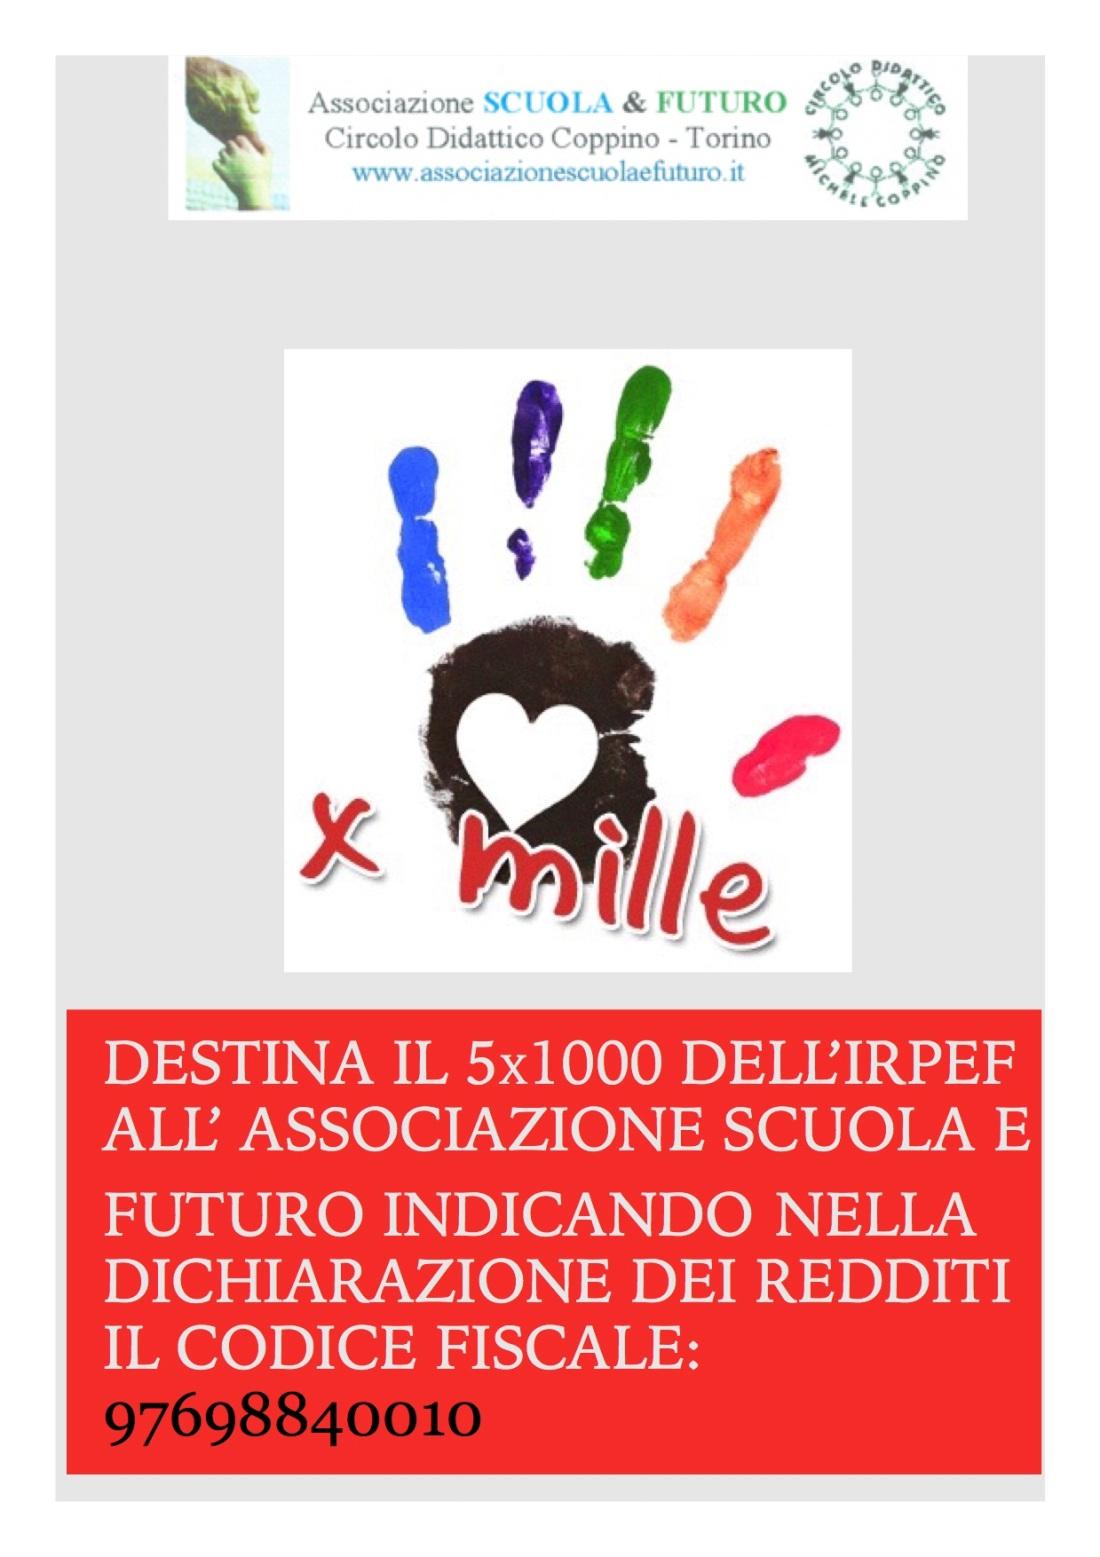 5x mille associazione scuola e futuro